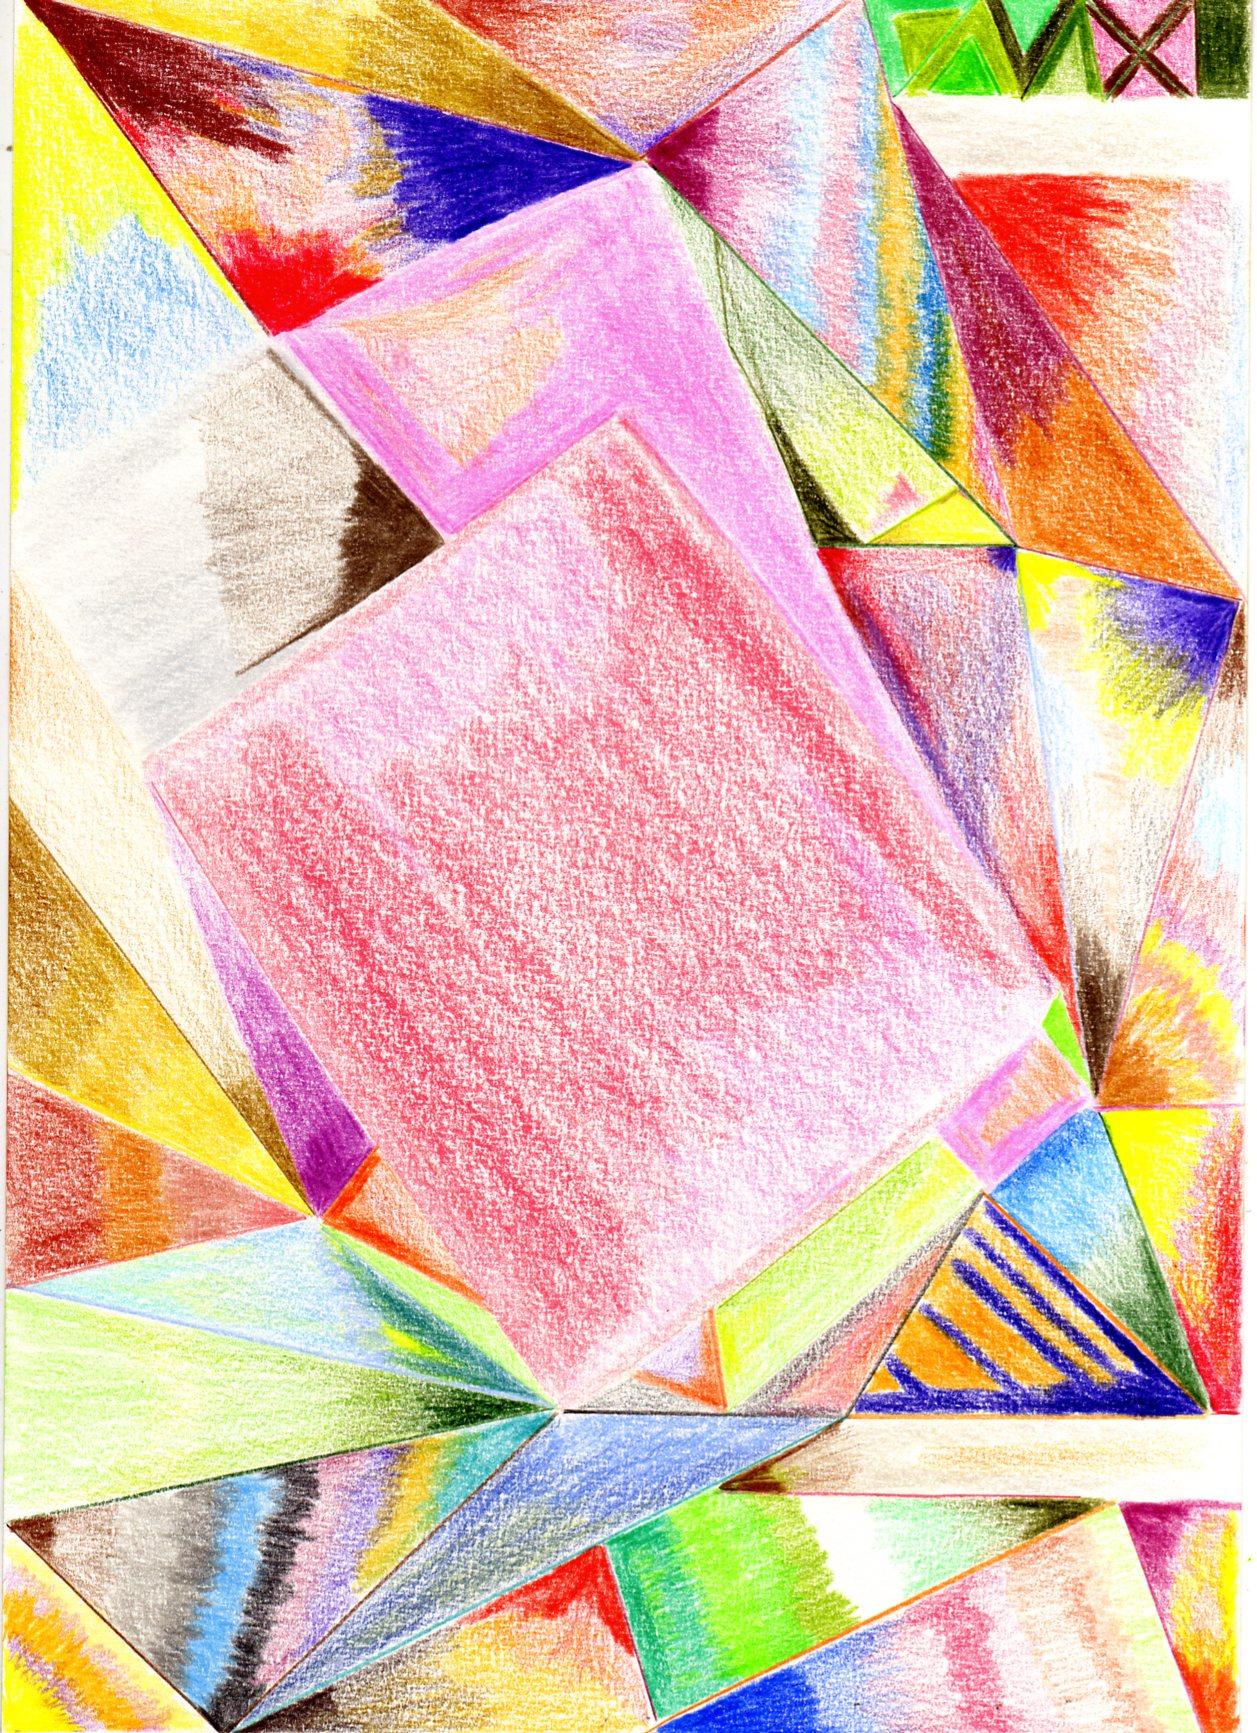 301 moved permanently - Cuadros de colores ...